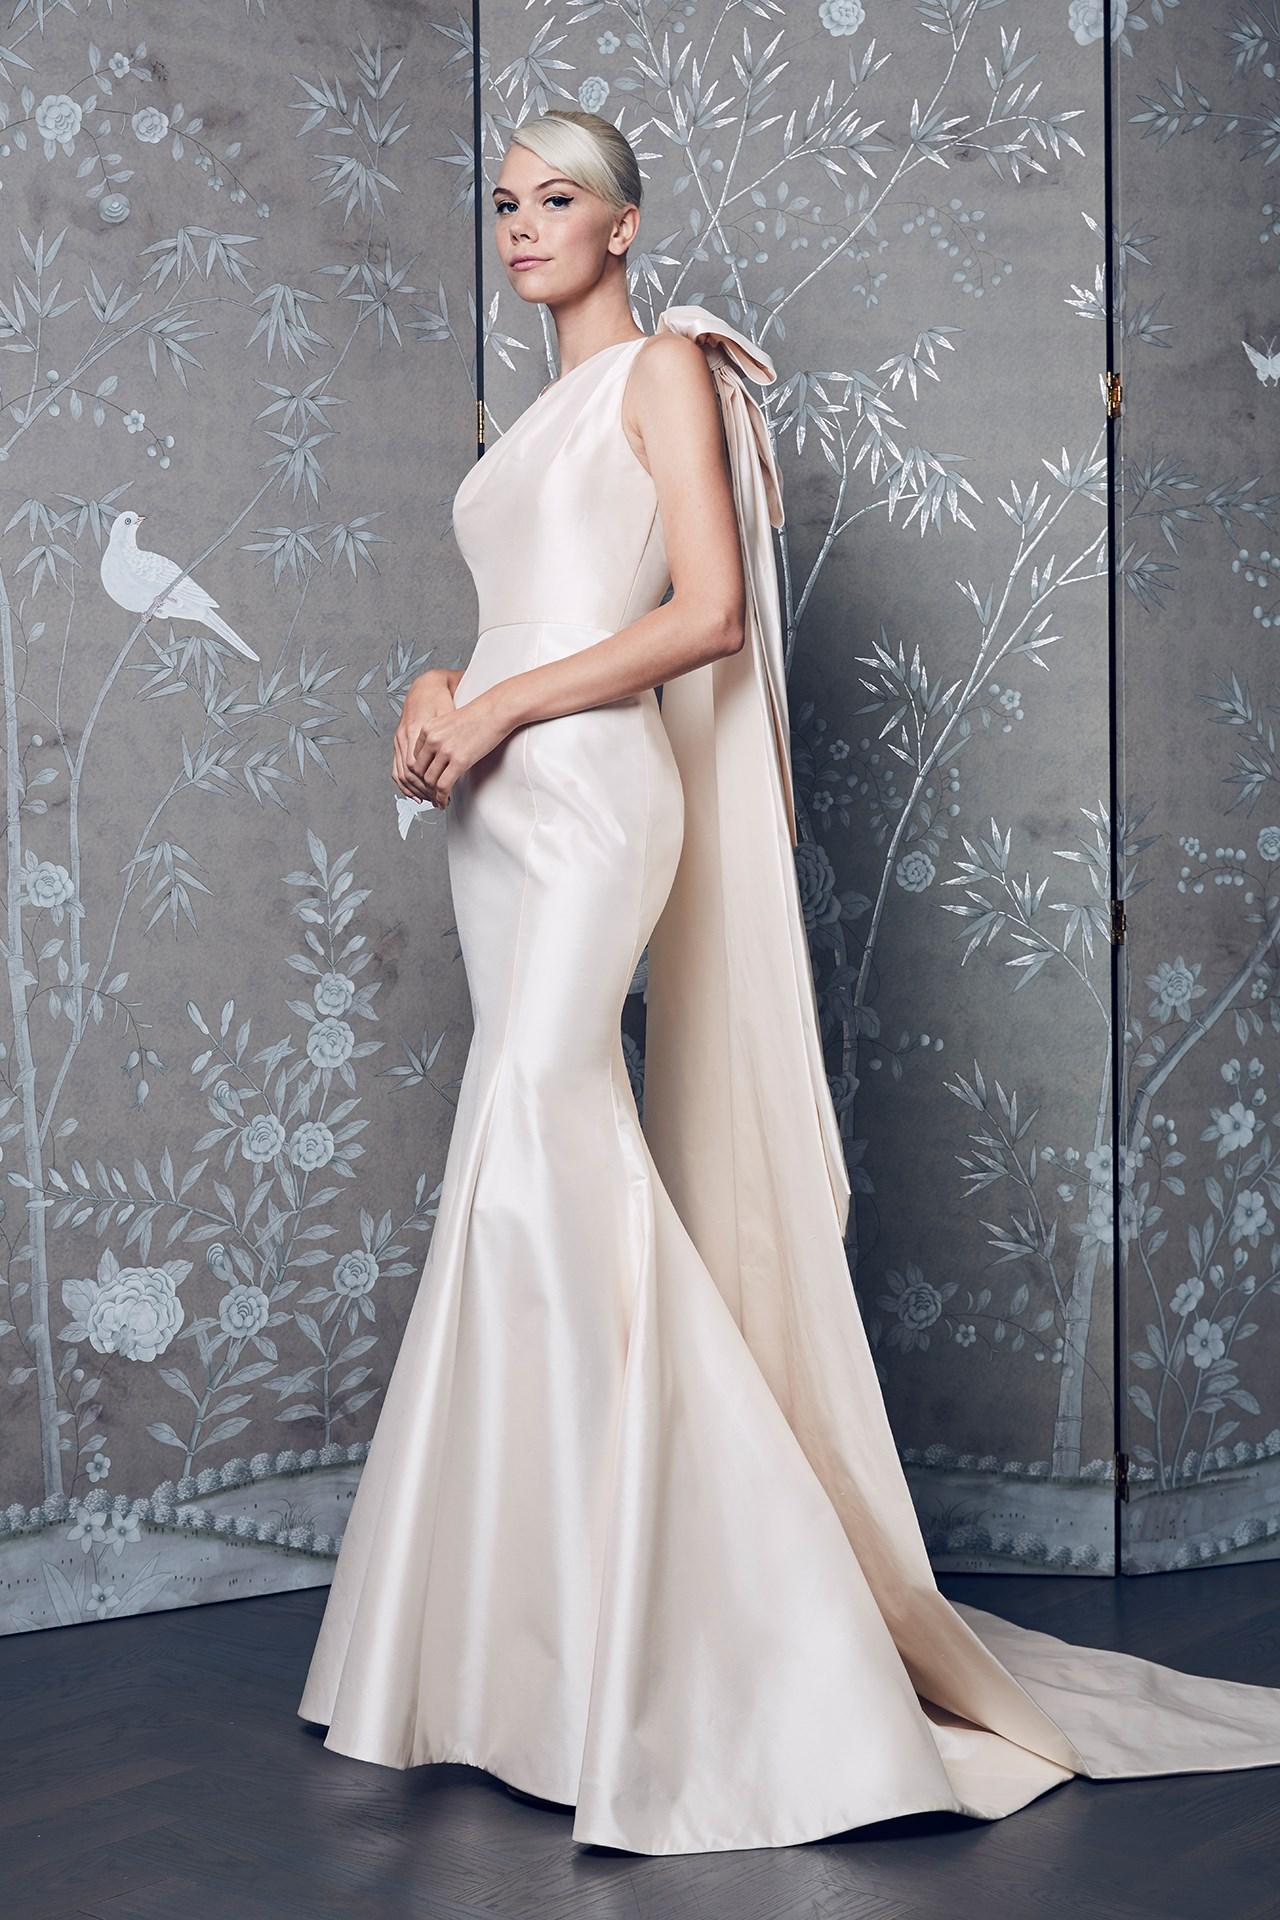 tendencia-vestido-noiva-2018-capa-Romona Keveza